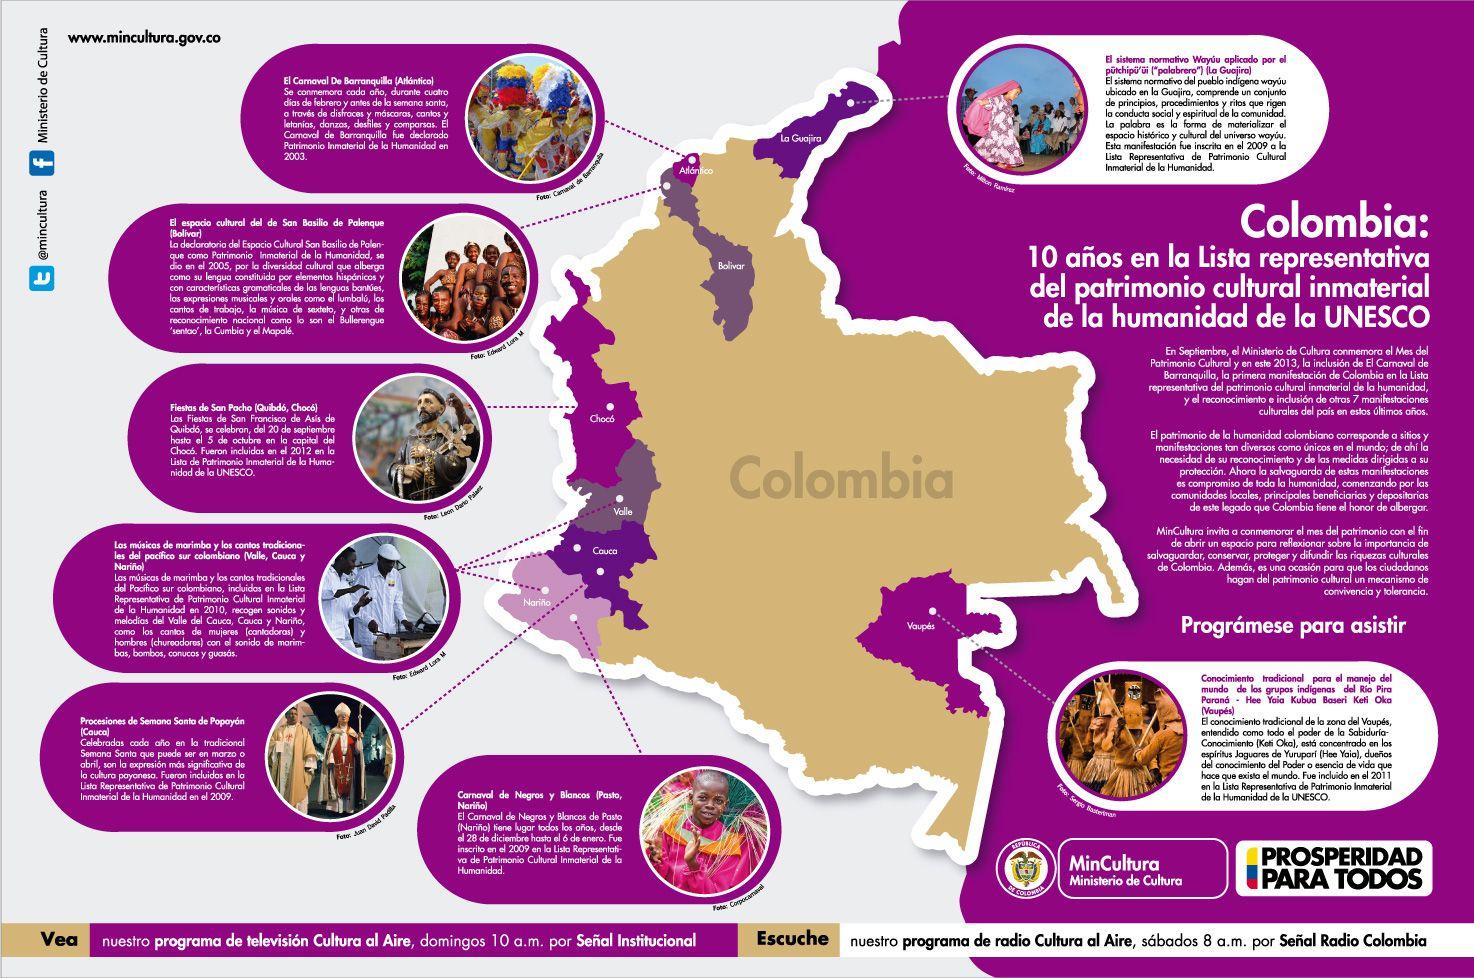 Viene Septiembre El Mes Que Celebra Y Difunde El Patrimoniocultural De Nuestro País Http Www Mincultura Gov Co Idcategoria 54146 Minc Patrimonios Celebro